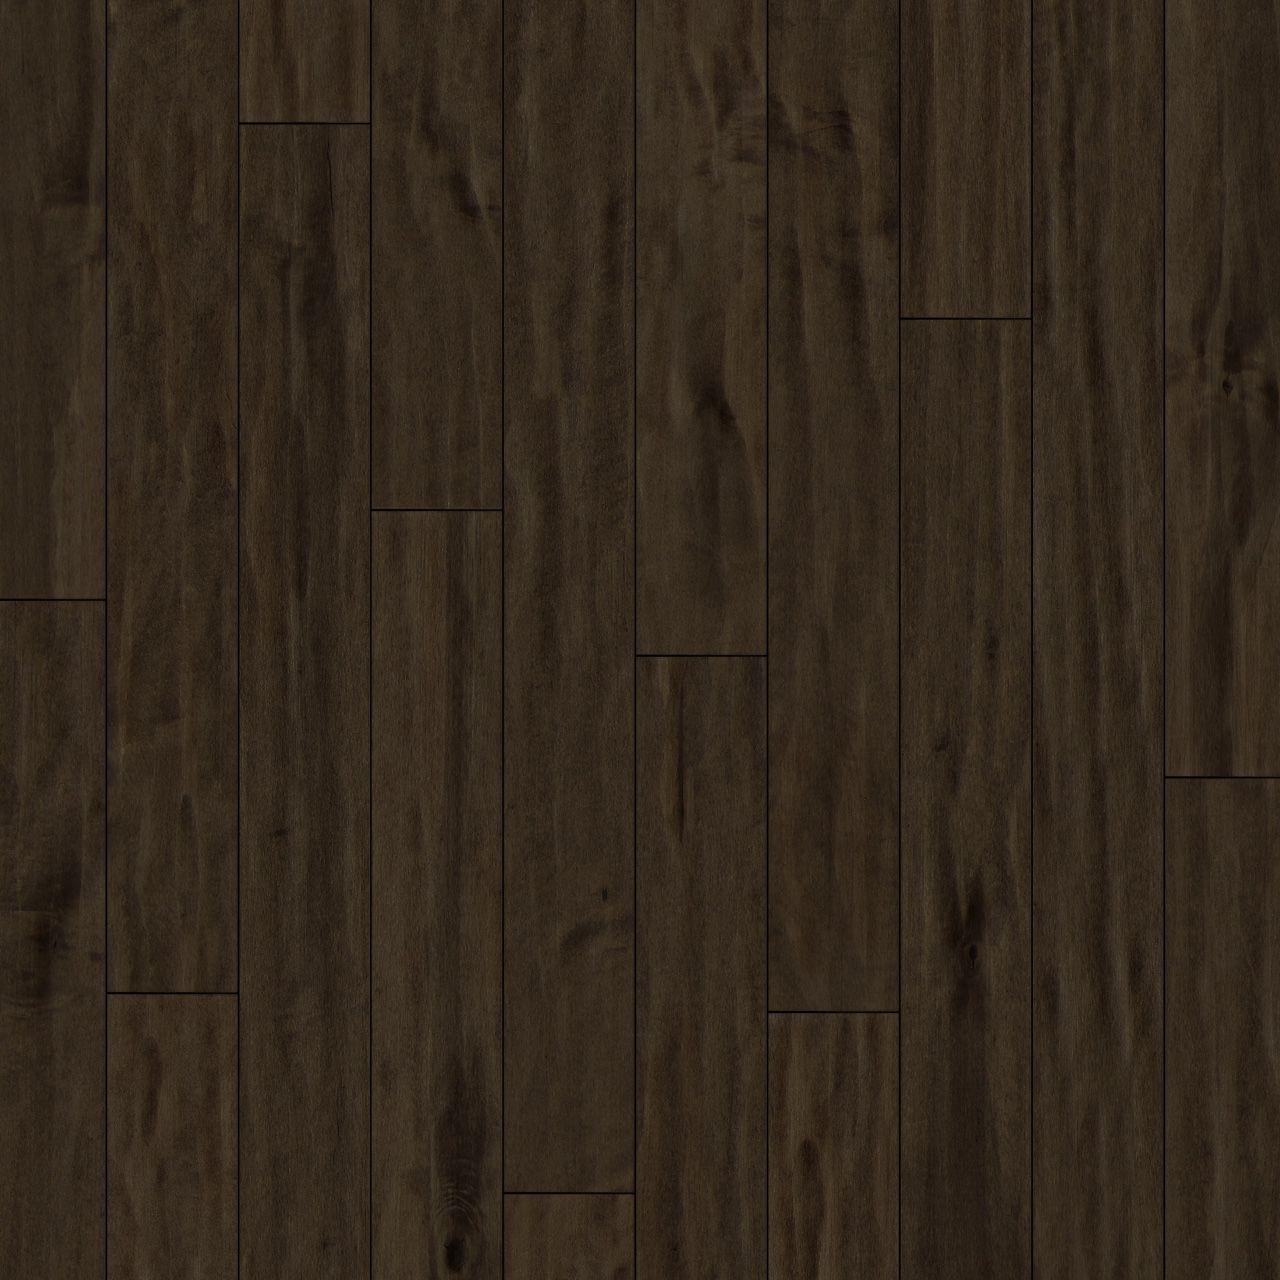 hard maple, samoa, wave hardwood flooring | Preverco ...